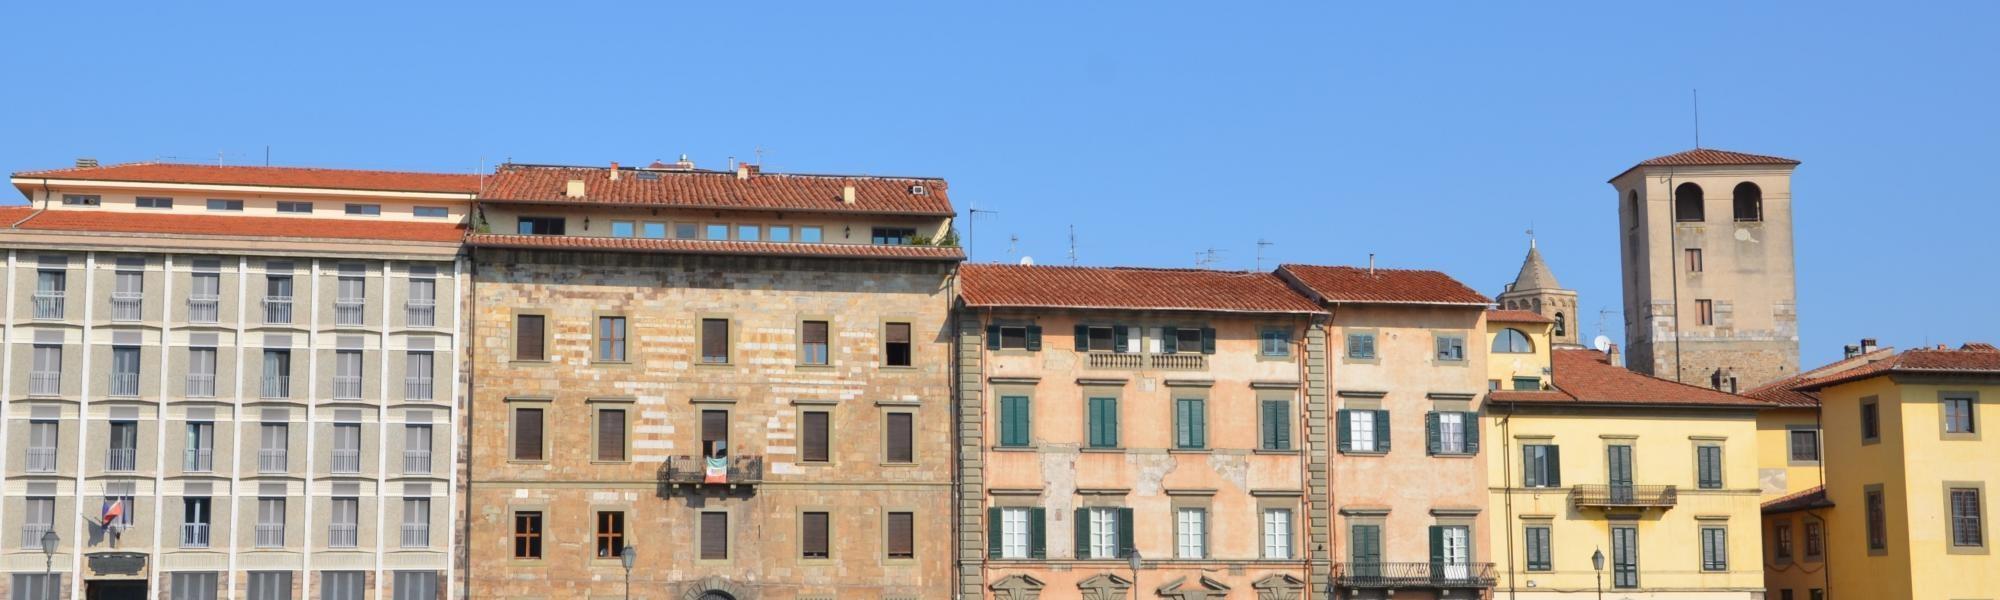 Palazzo Ricucchi, lungarno Pacinotti (L. Corevi, Comune di Pisa)